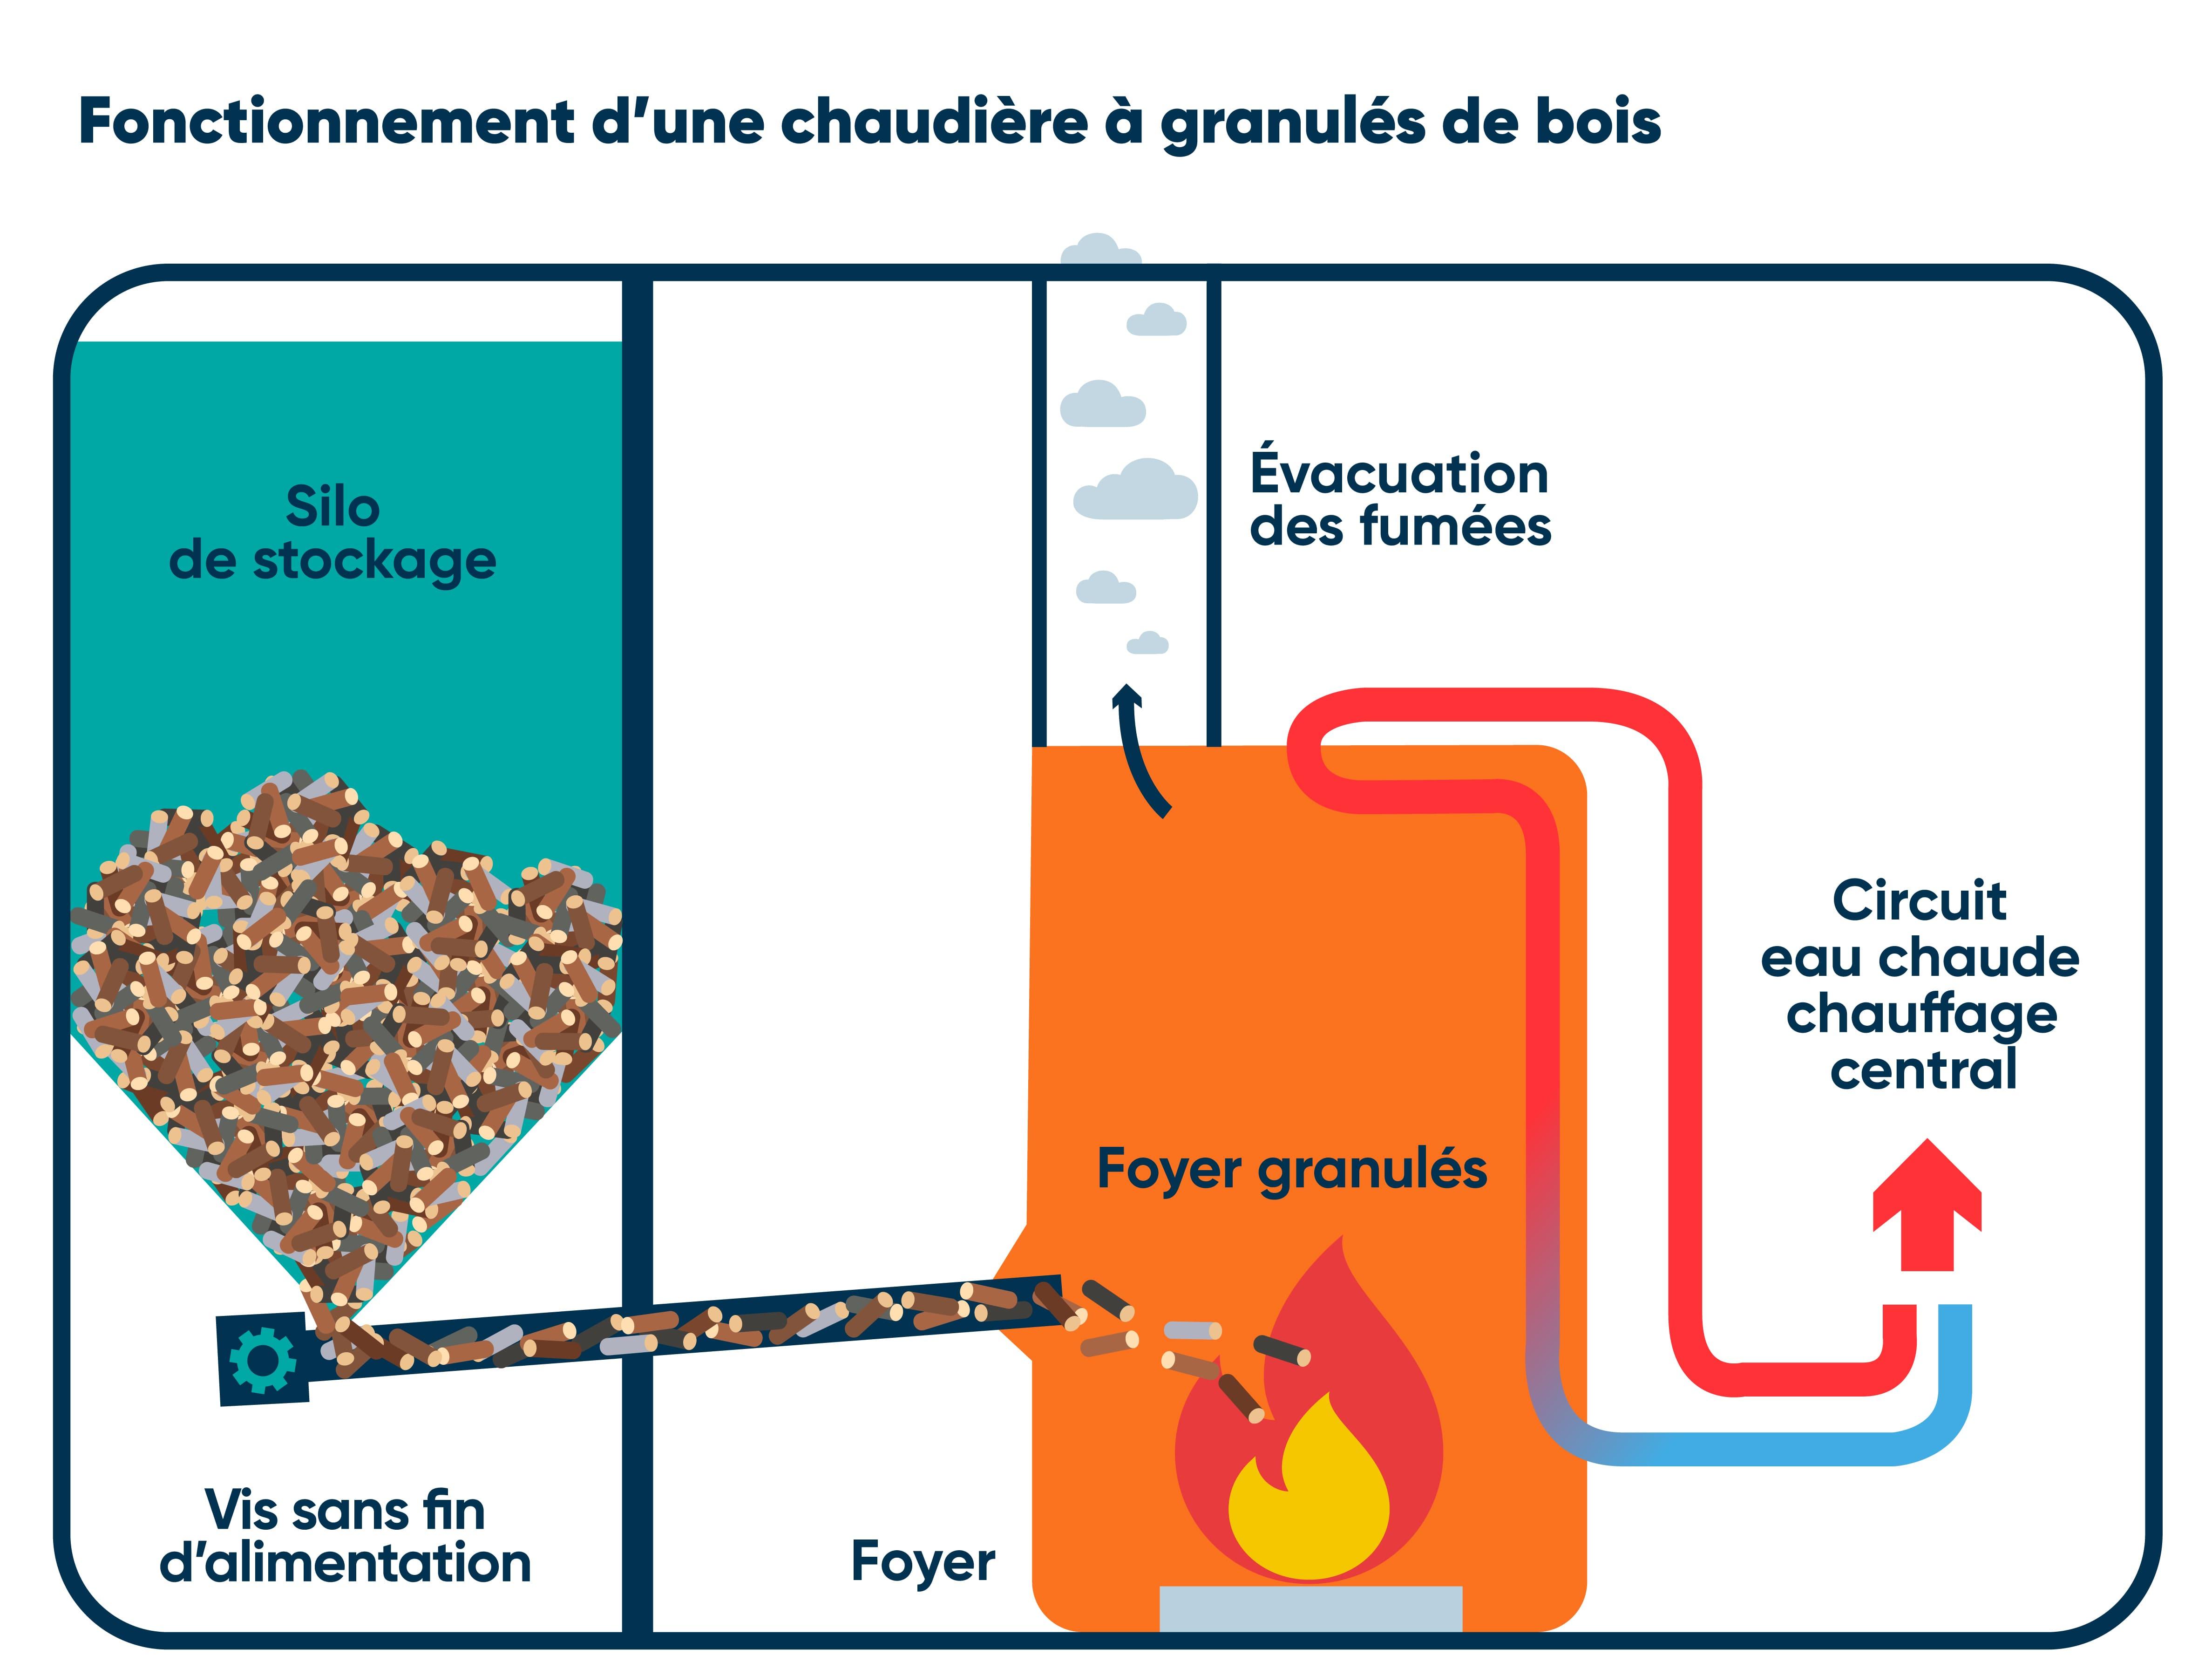 Schéma fonctionnement chaudière granulés